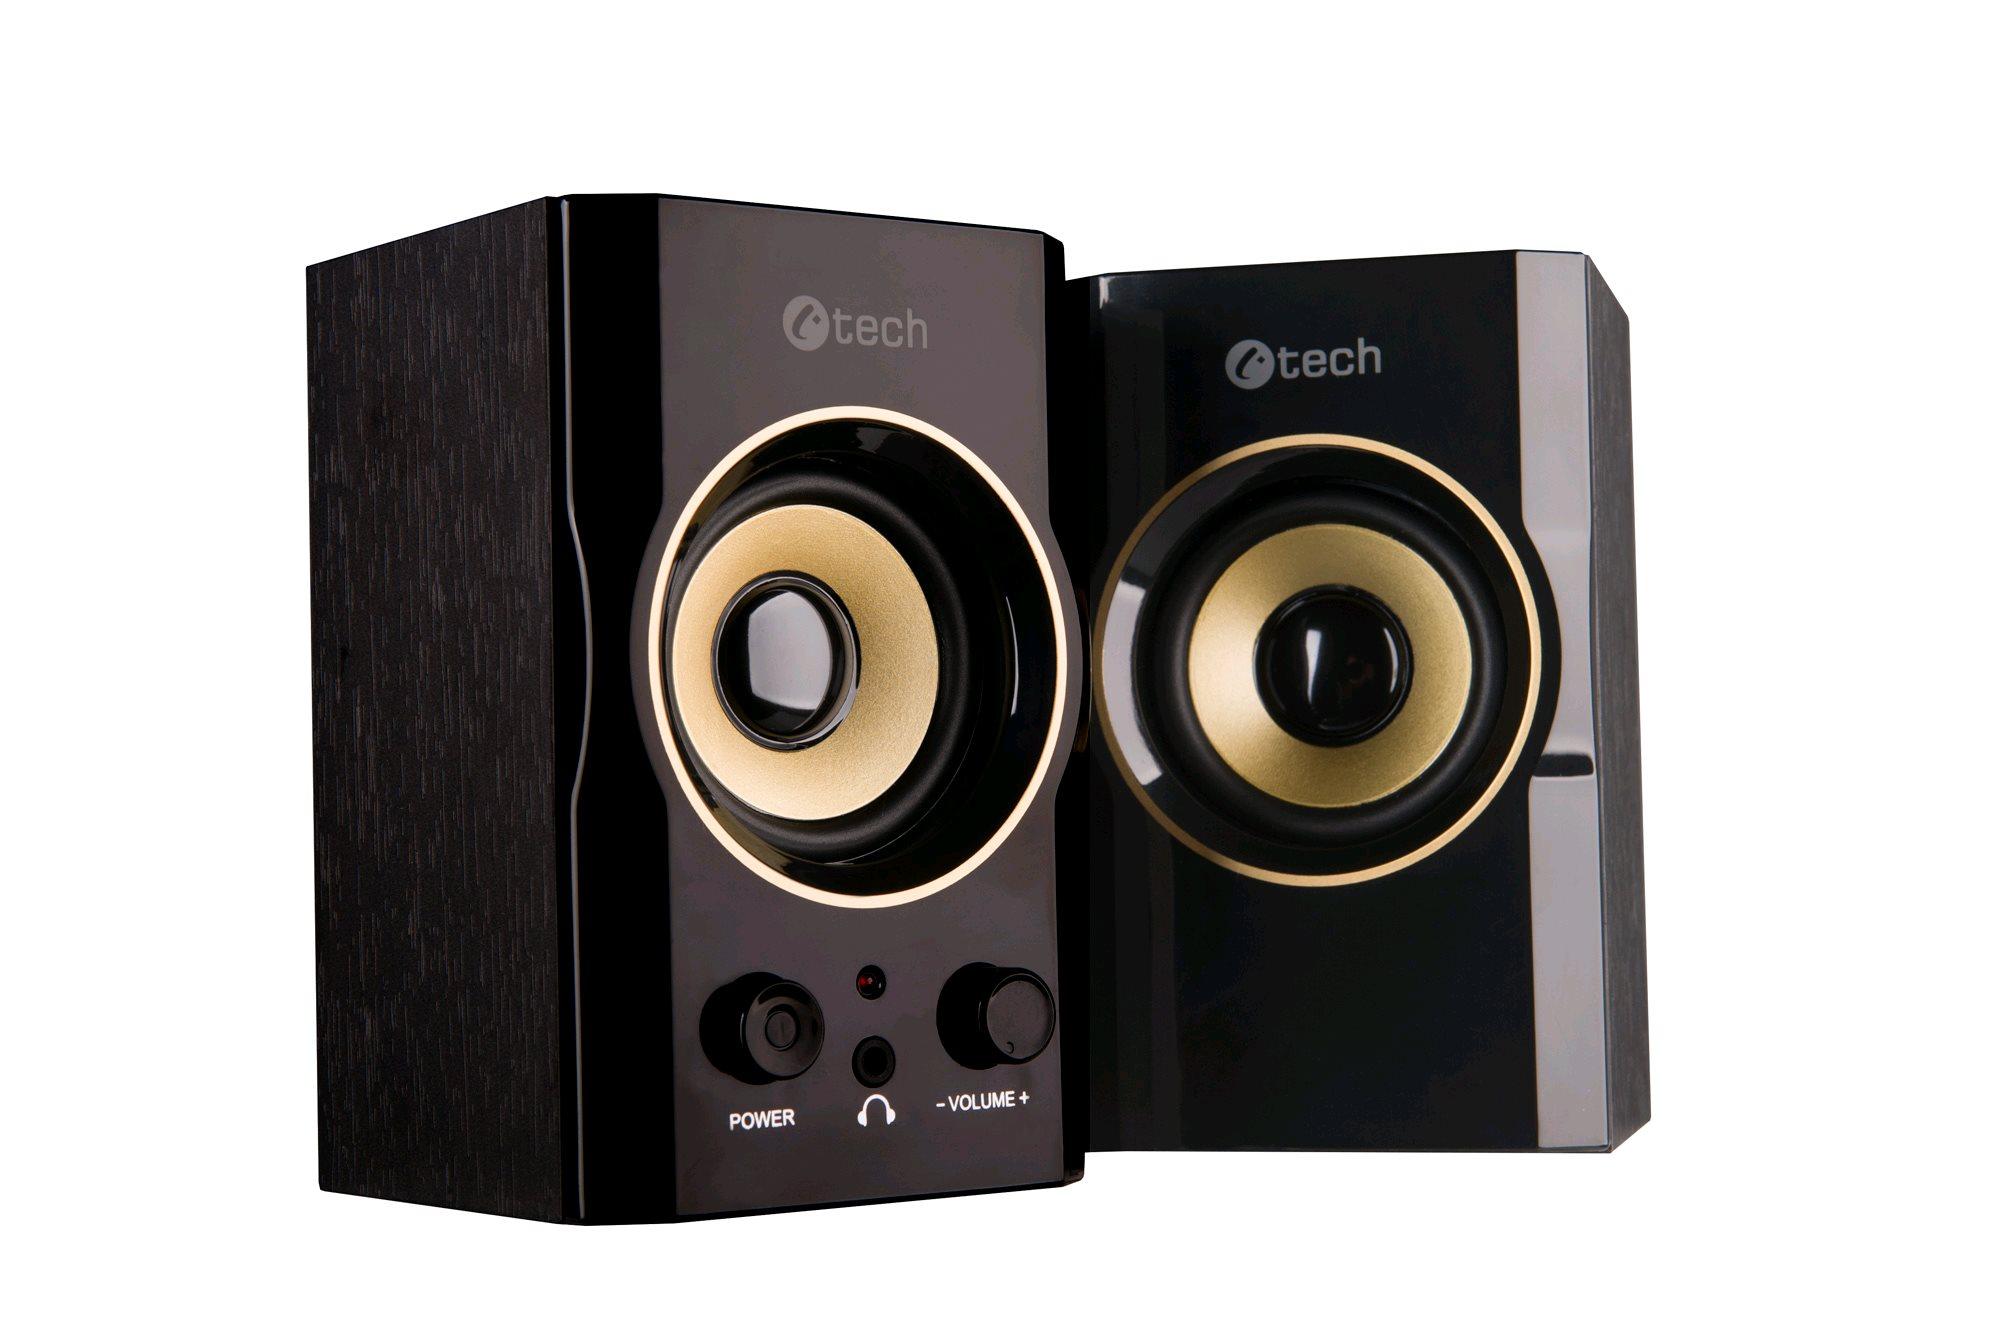 C-TECH repro SPK-11, 2.0, dřevěné, černo-zlaté, USB